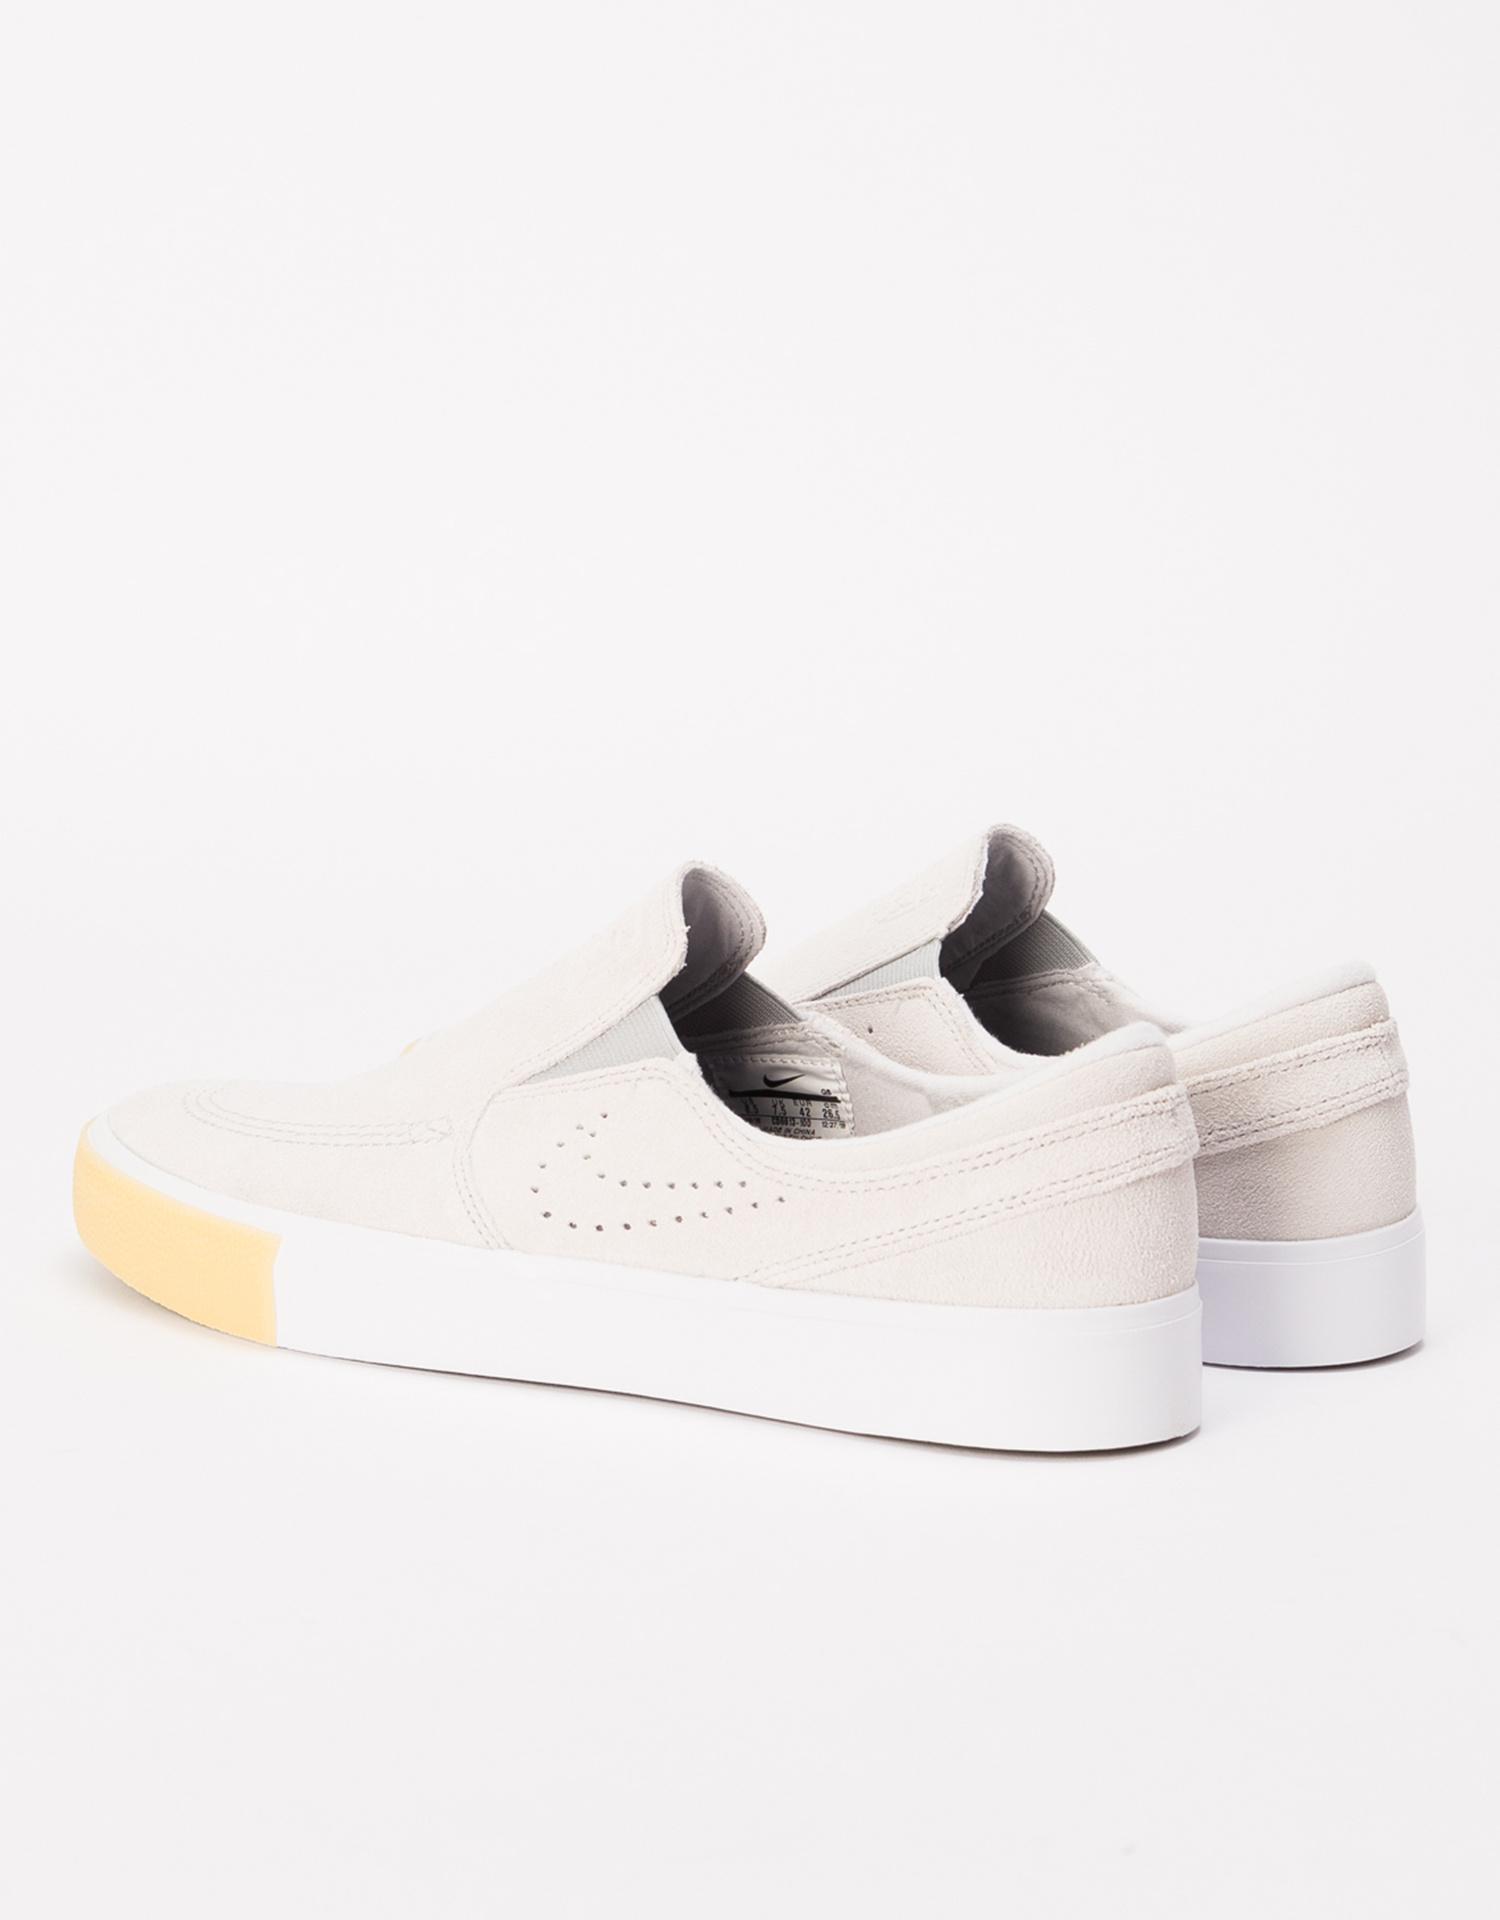 huge discount e4319 d2f5a ... Nike SB Zoom Janoski Slip RM SE white white-vast grey-gum yellow ...